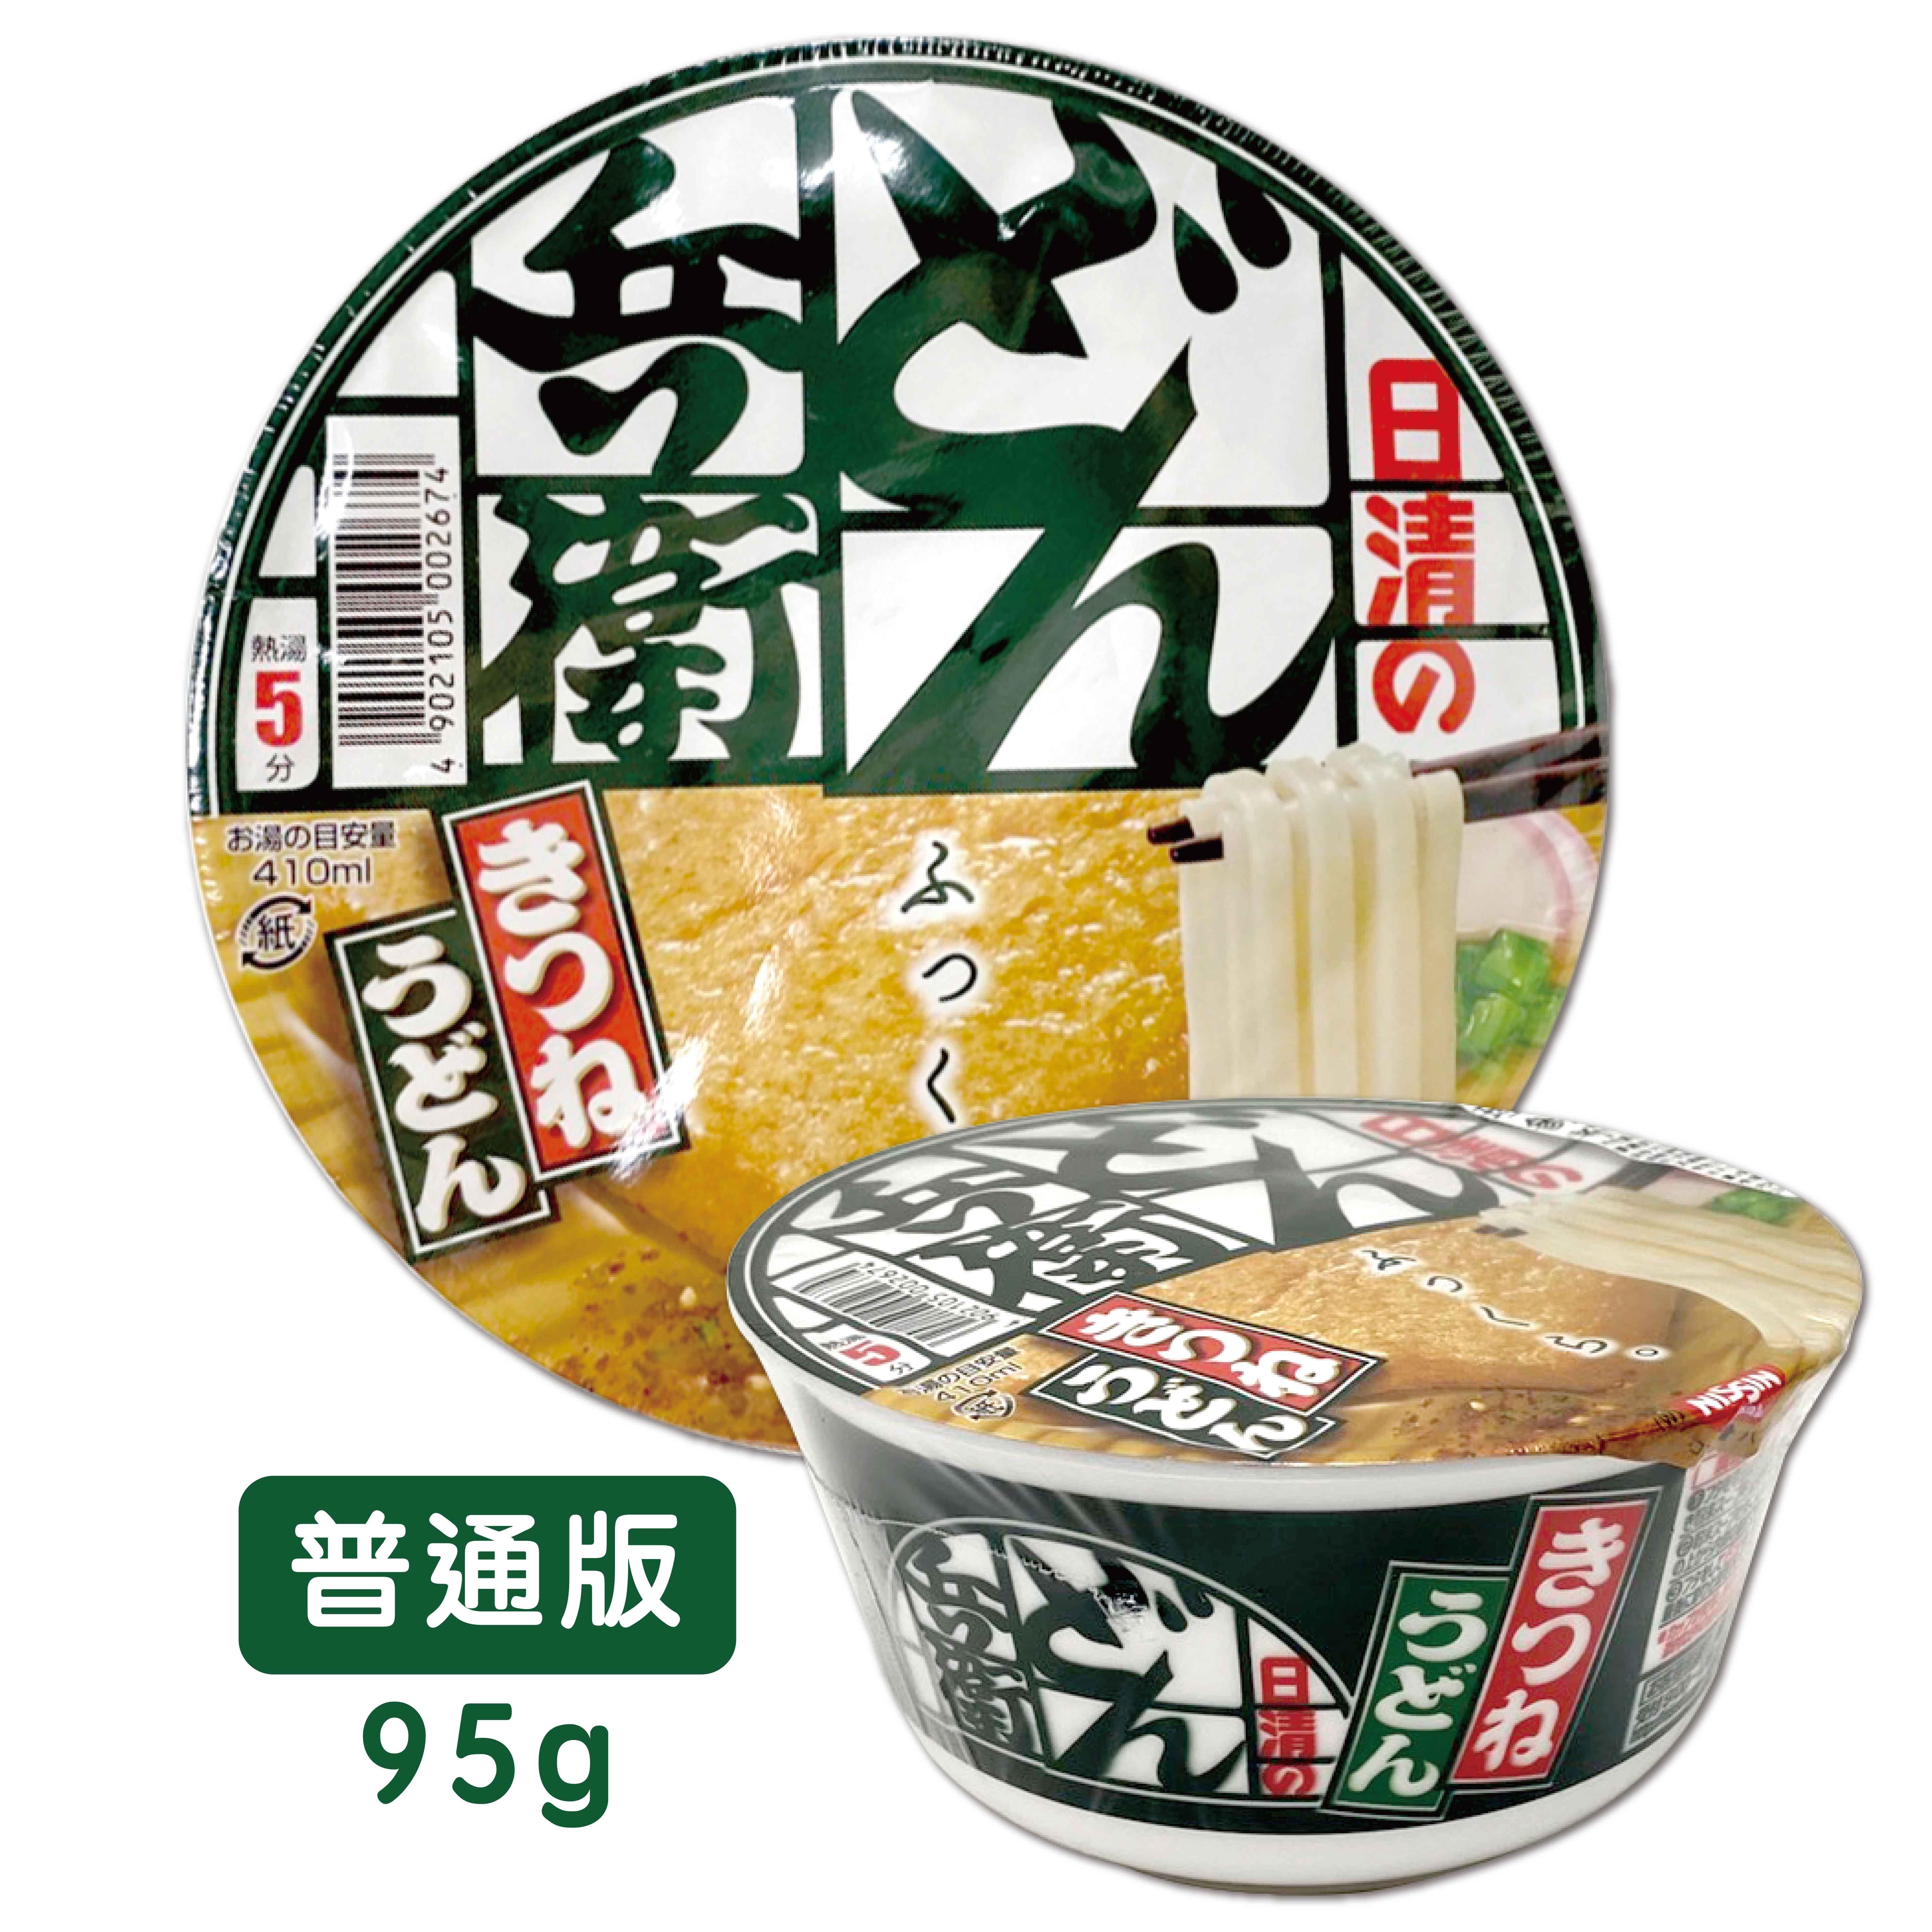 日本 NISSIN日清 兵衛 豆皮碗麵 普通95g/特盛130g/三入包麵90g 豆皮 泡麵 大份量